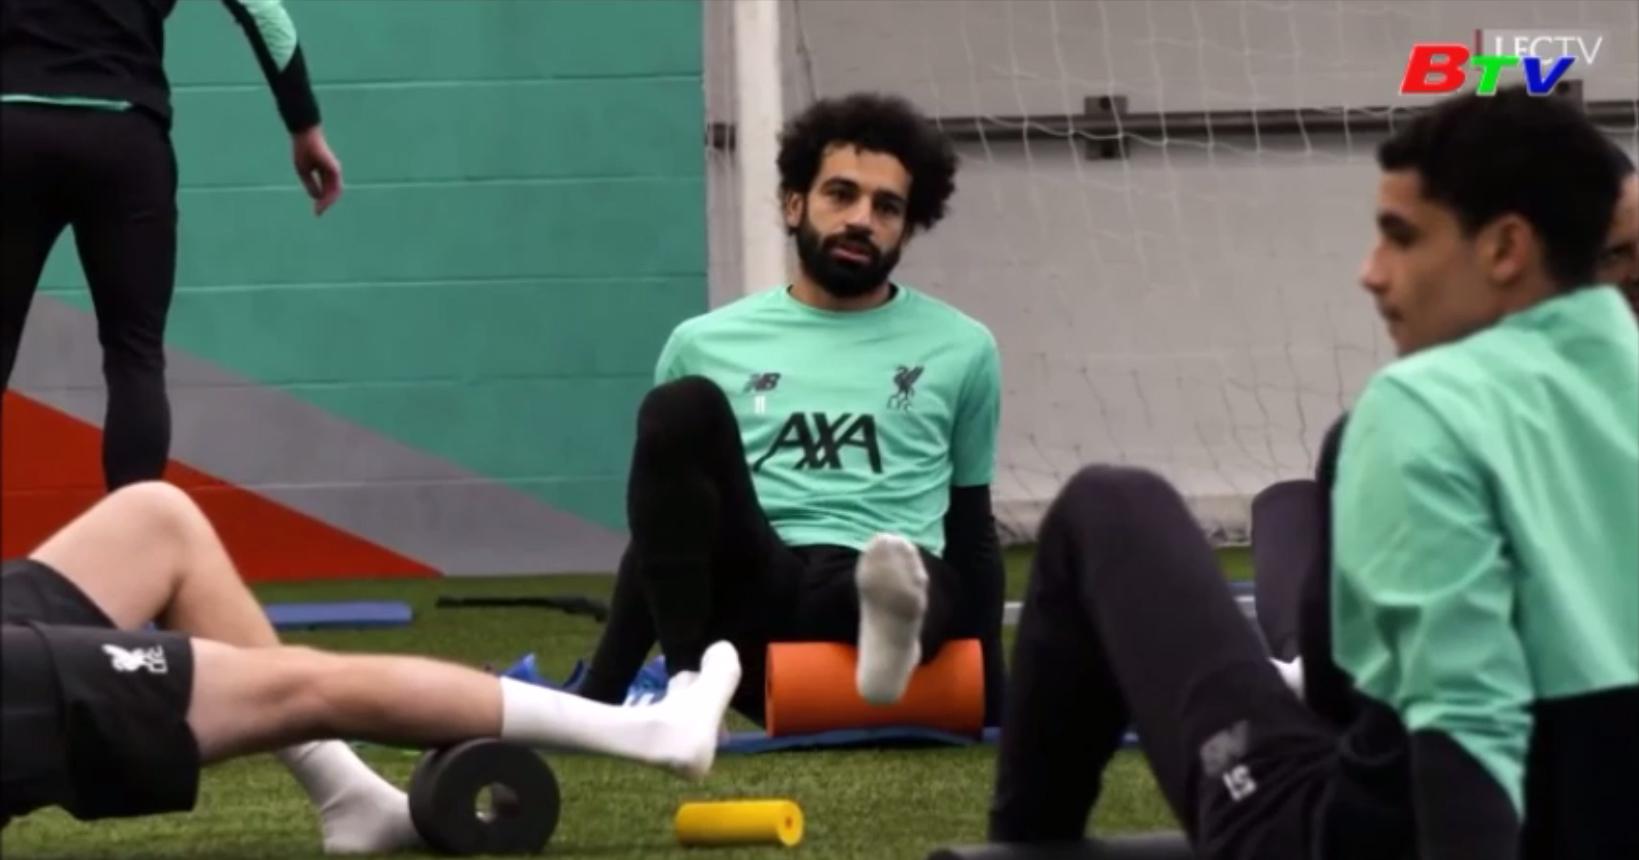 Giải Ngoại hạng Anh đang cân nhắc phương án thay 5 cầu thủ mỗi trận